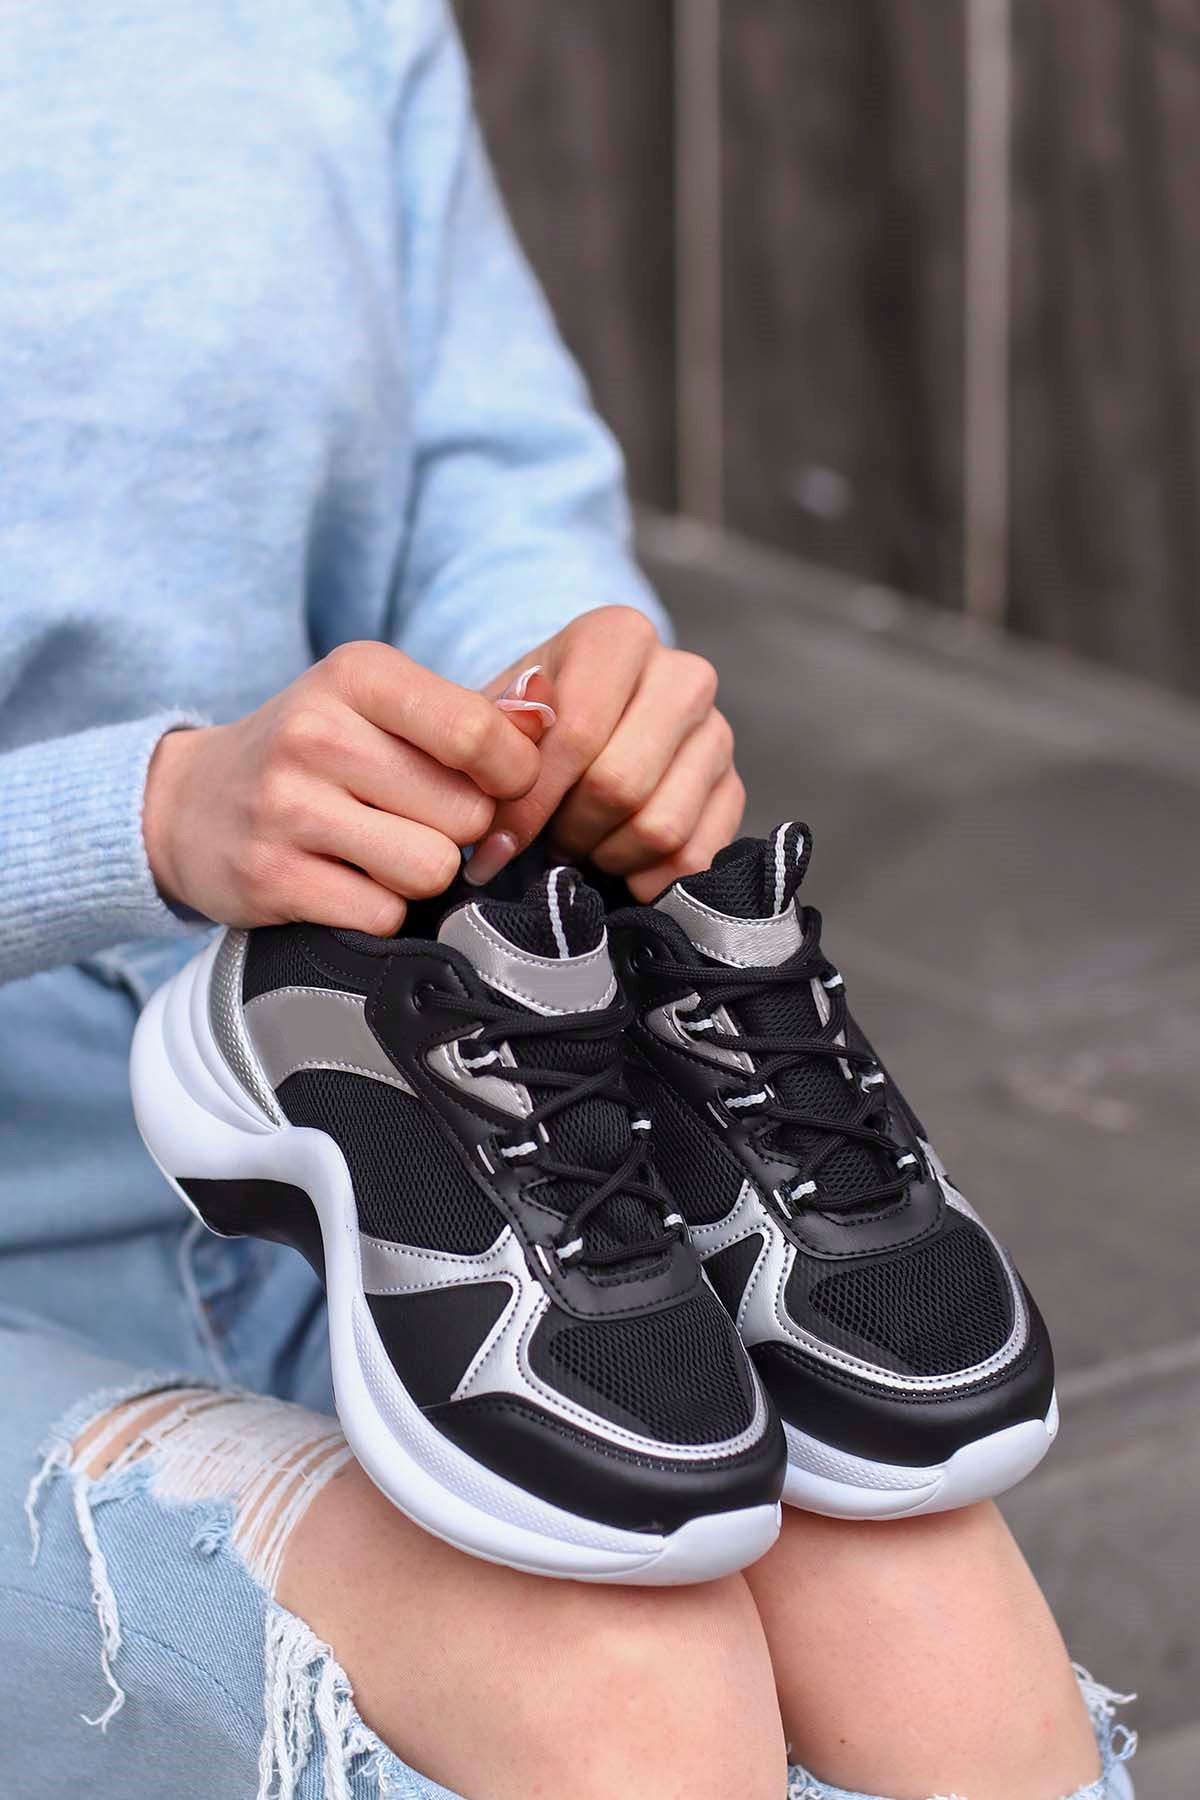 Tny-01 Tabanlı Spor Ayakkabı Siyah Gri